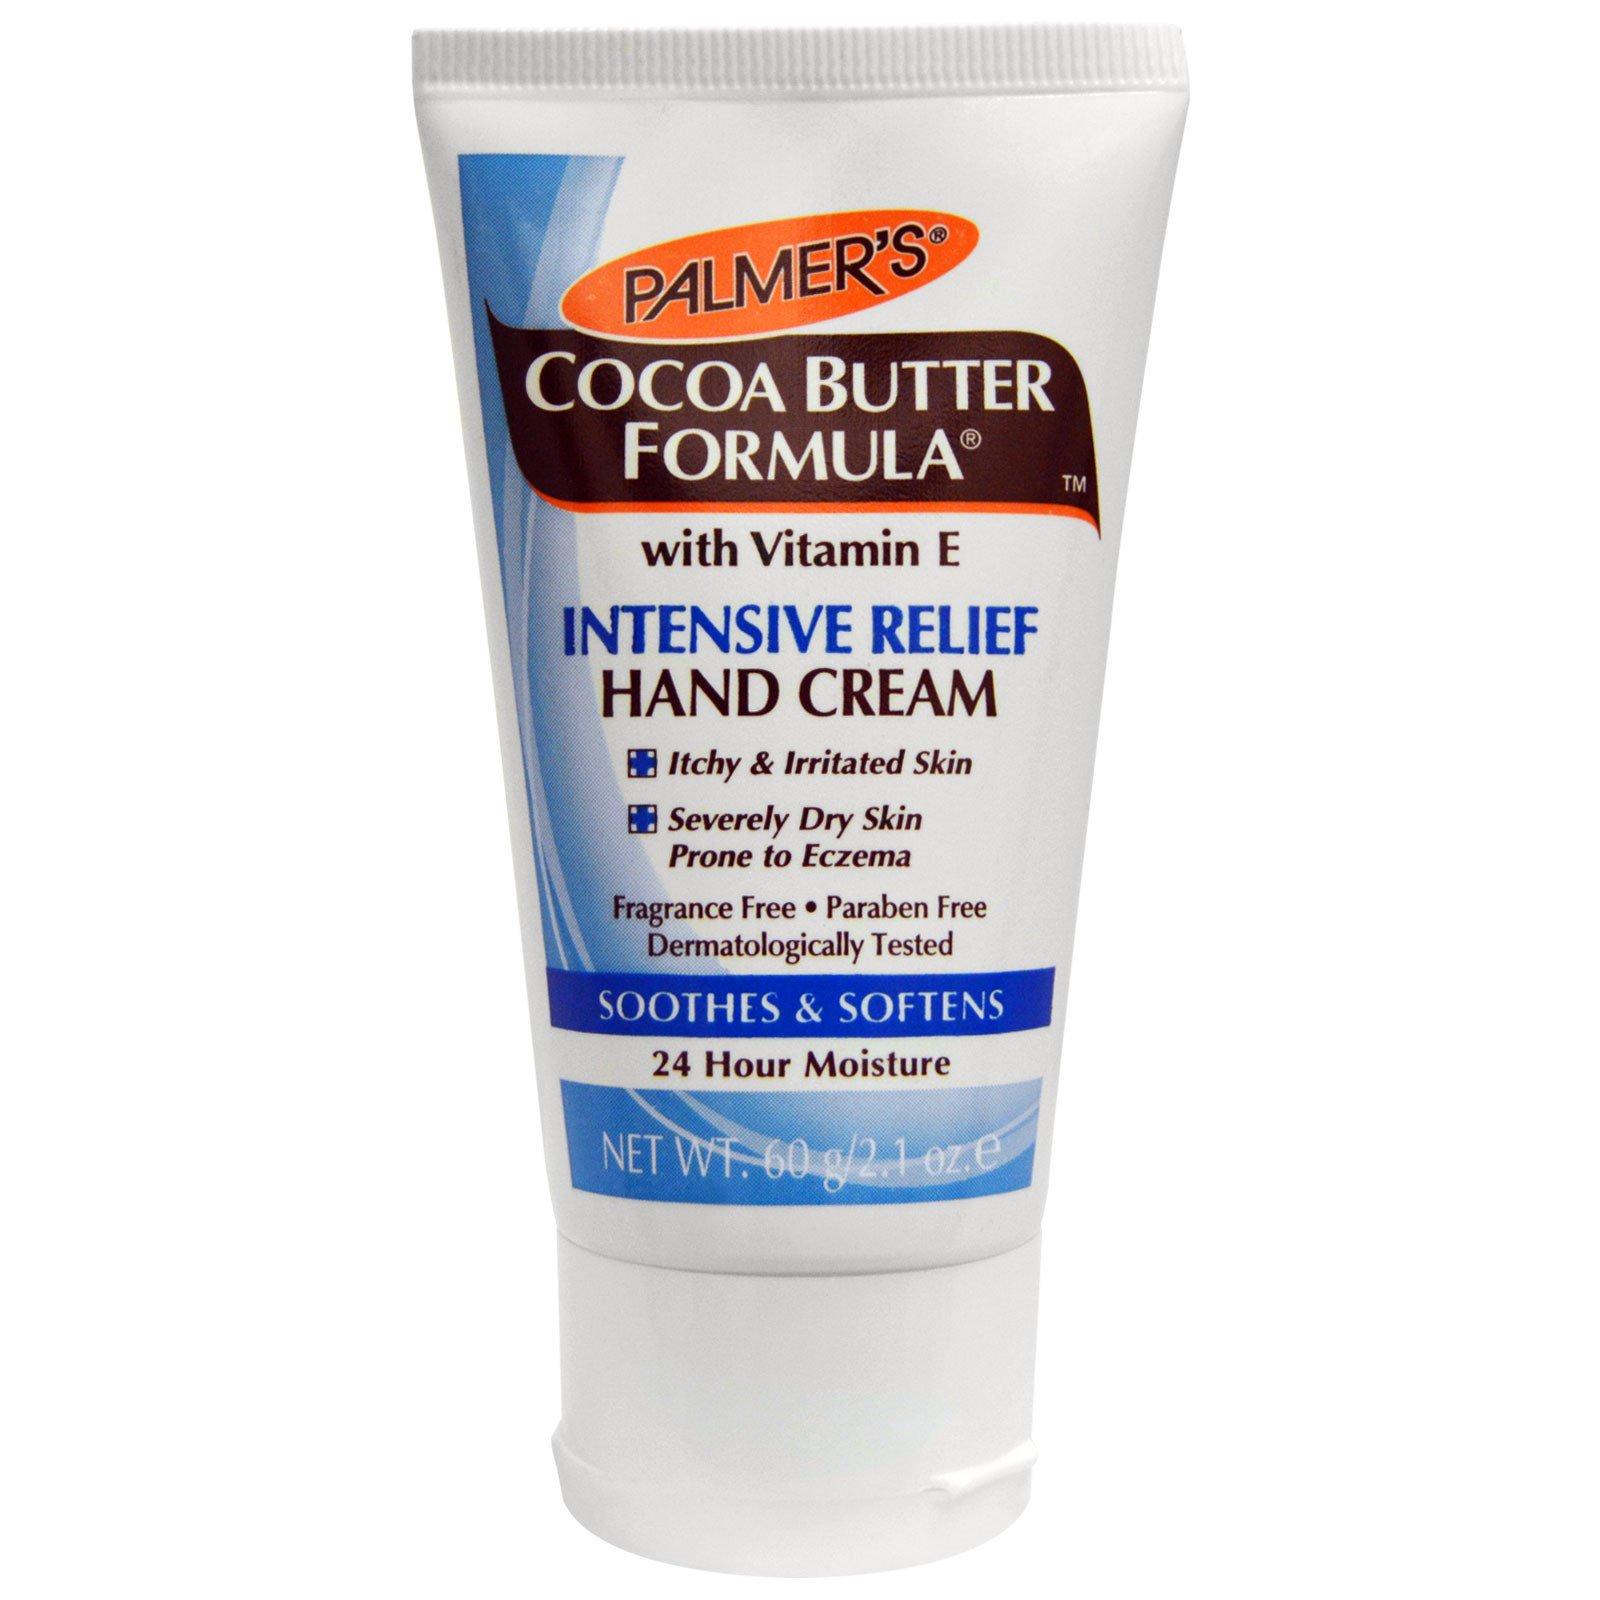 Palmer's, Формула масла какао, крем для рук для интенсивной помощи, без запаха, 60 г (2,1 унции)